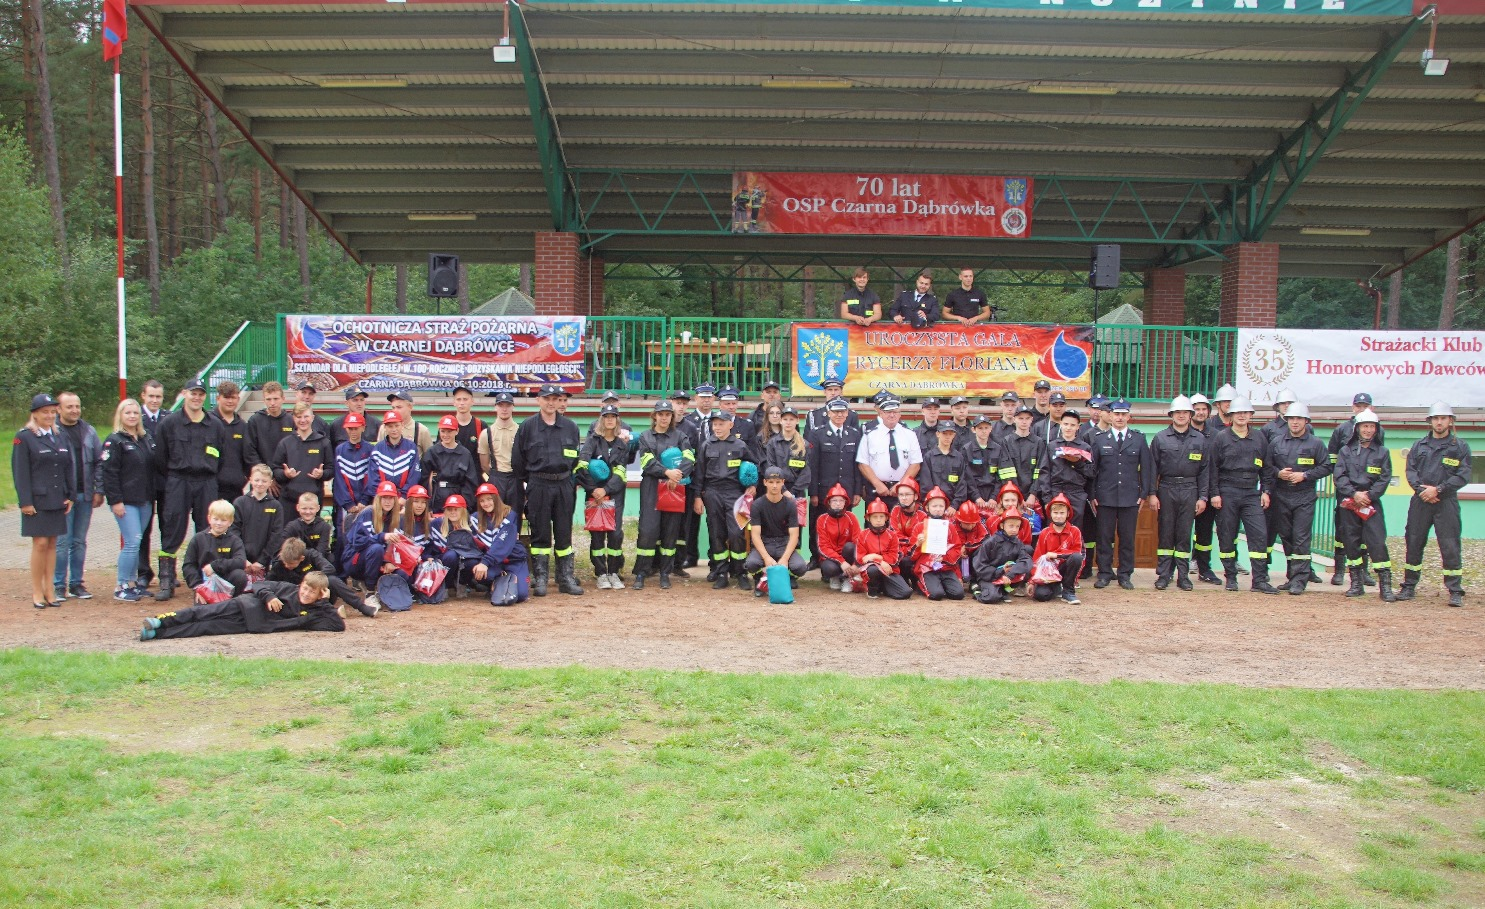 Zawody Młodzieżowych Drużyn Pożarniczych w Nożynie